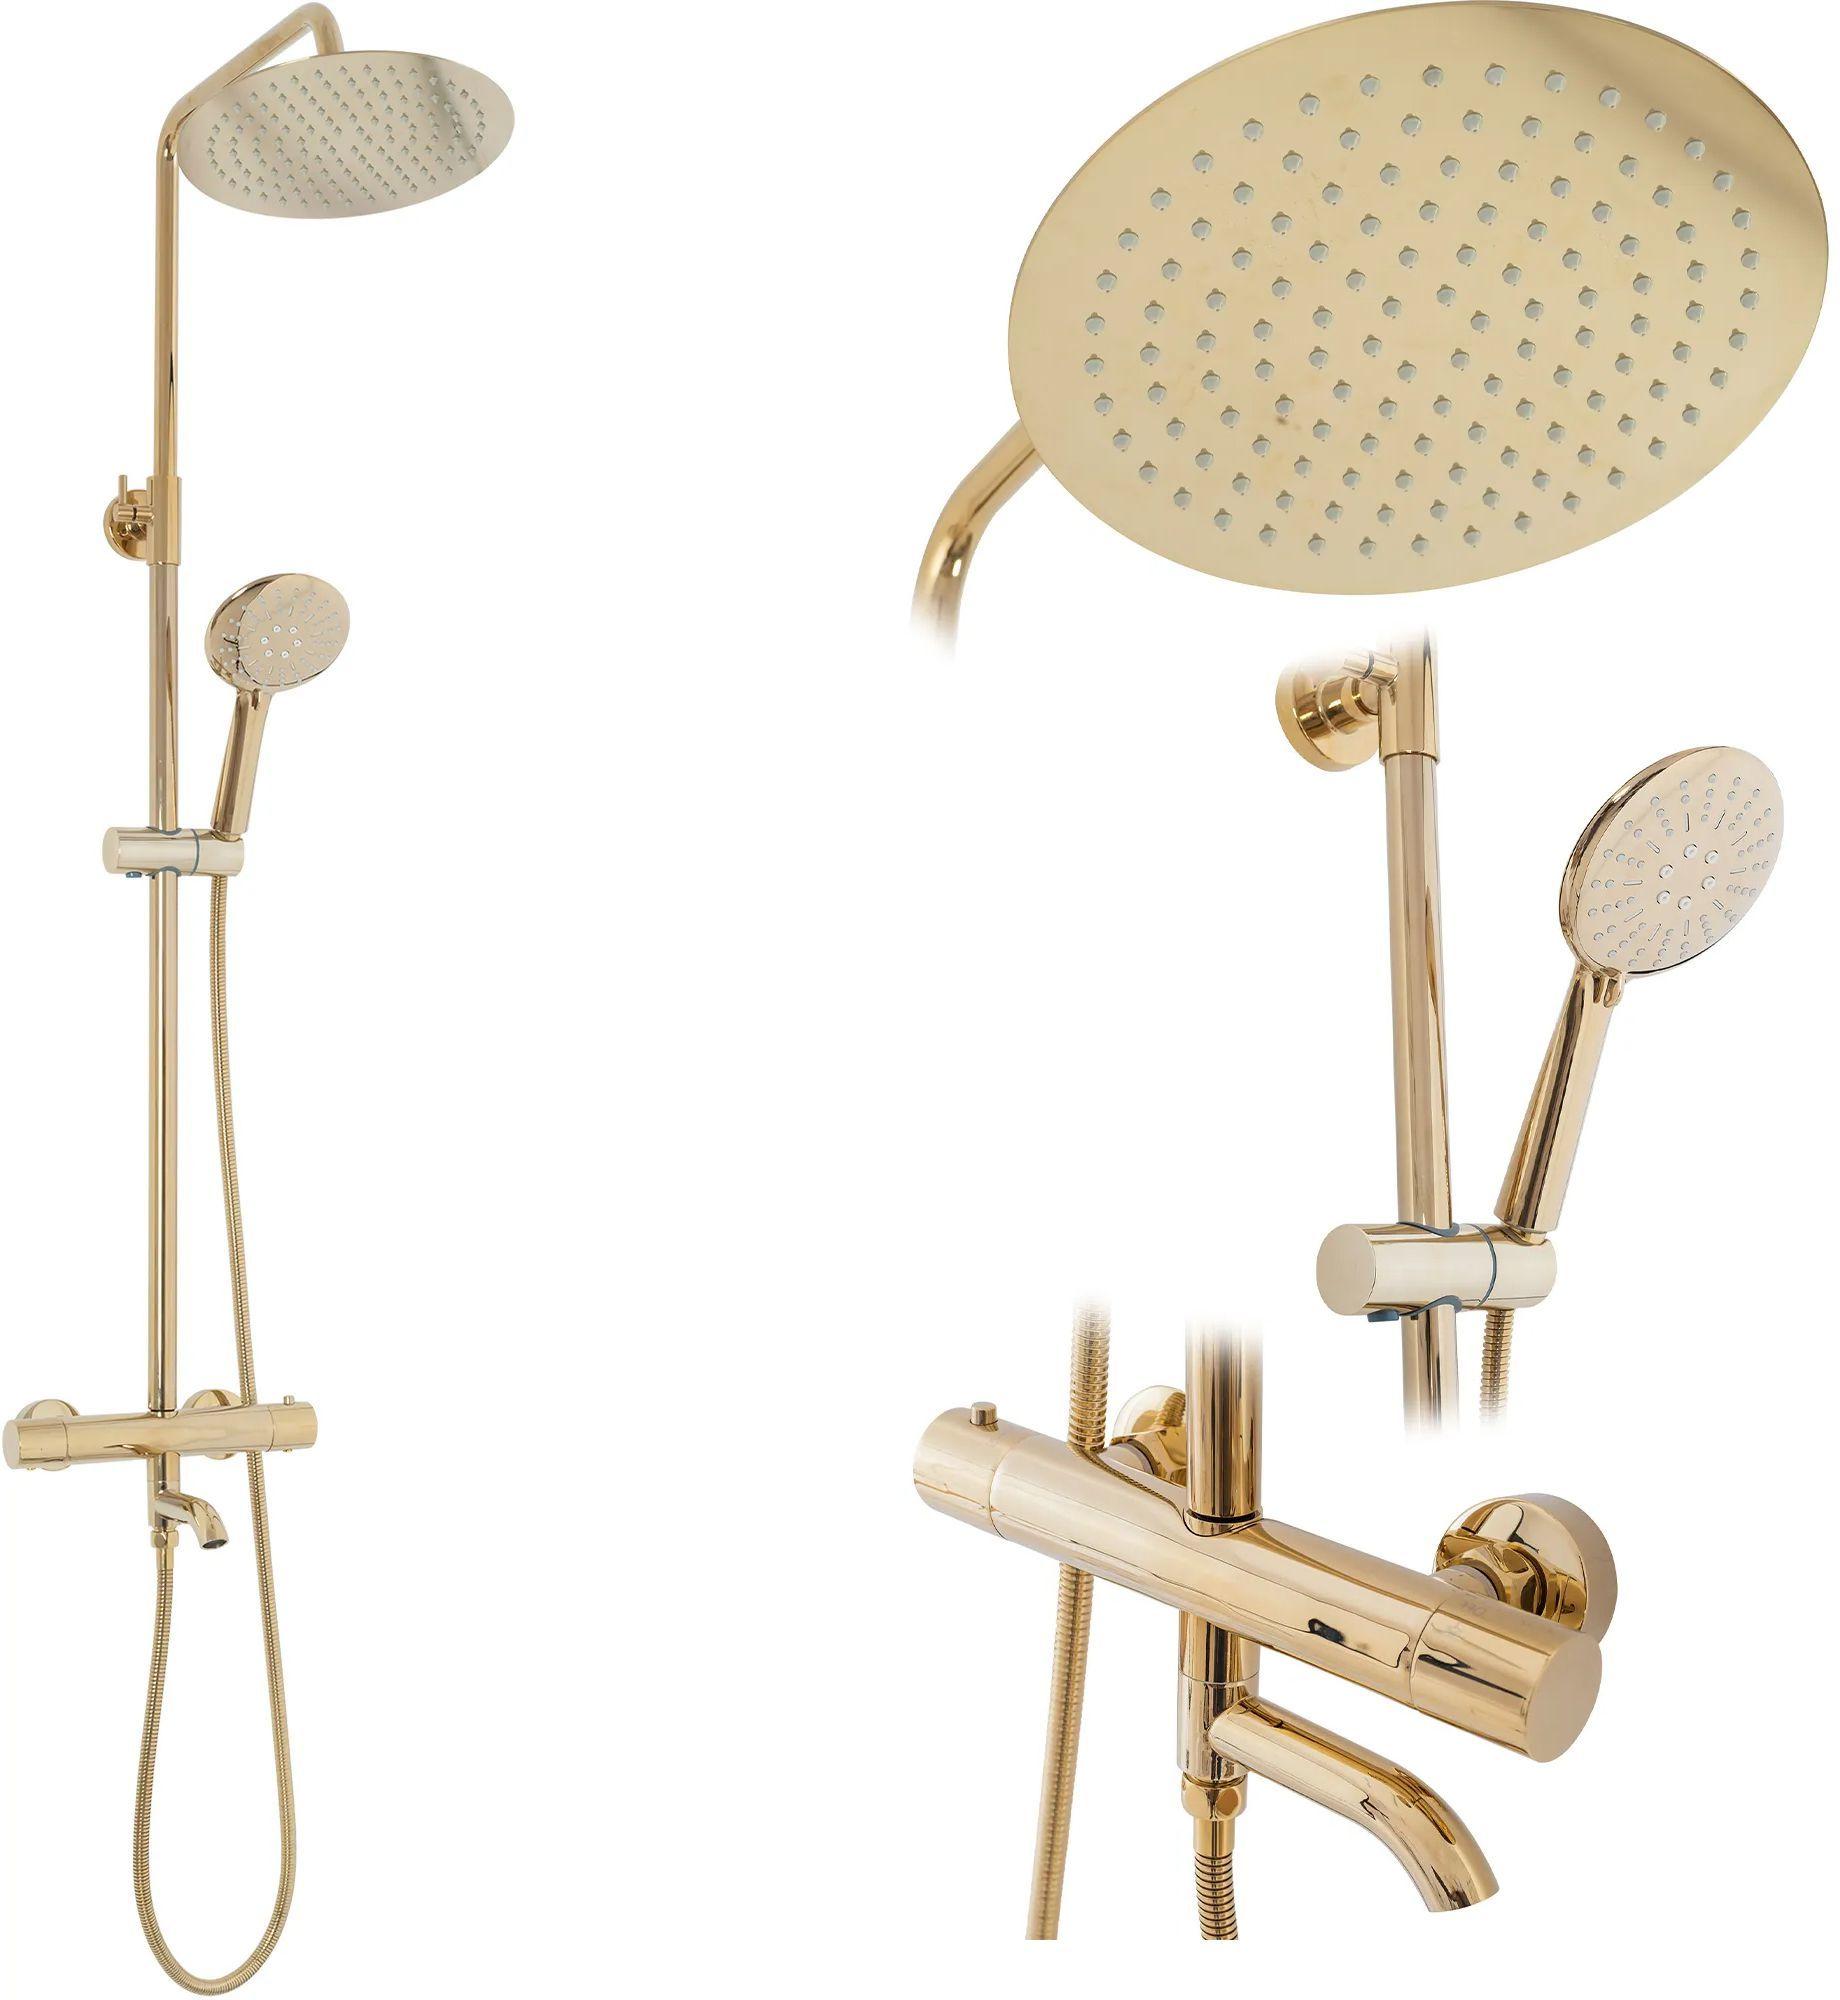 Rea Zestaw REA Lungo Gold Prysznicowy Natryskowy Z Termostatem